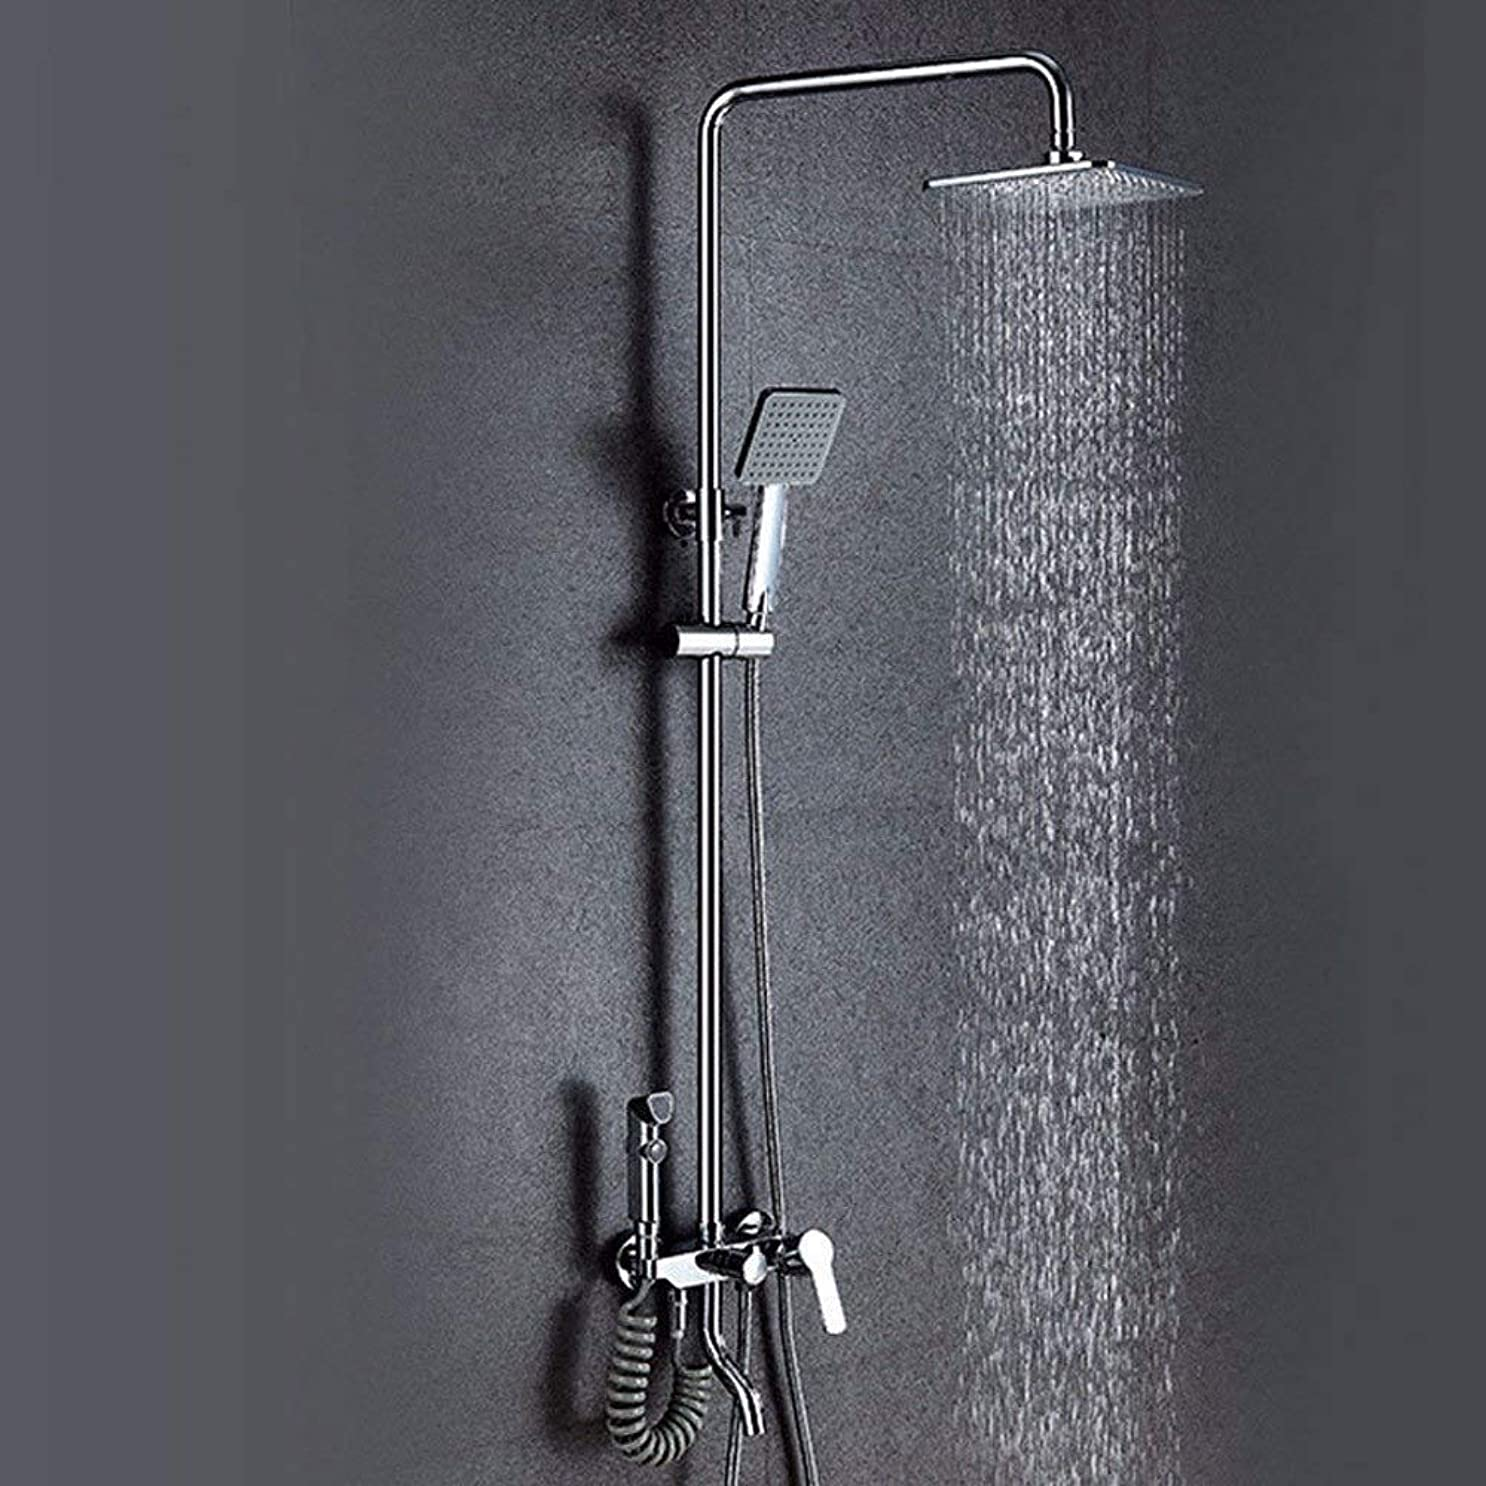 高く承知しましたルアーLuckya 水栓バス滝の蛇口浴室ミキサータップ浴室の蛇口レインシャワーセットウォールタップシャワー